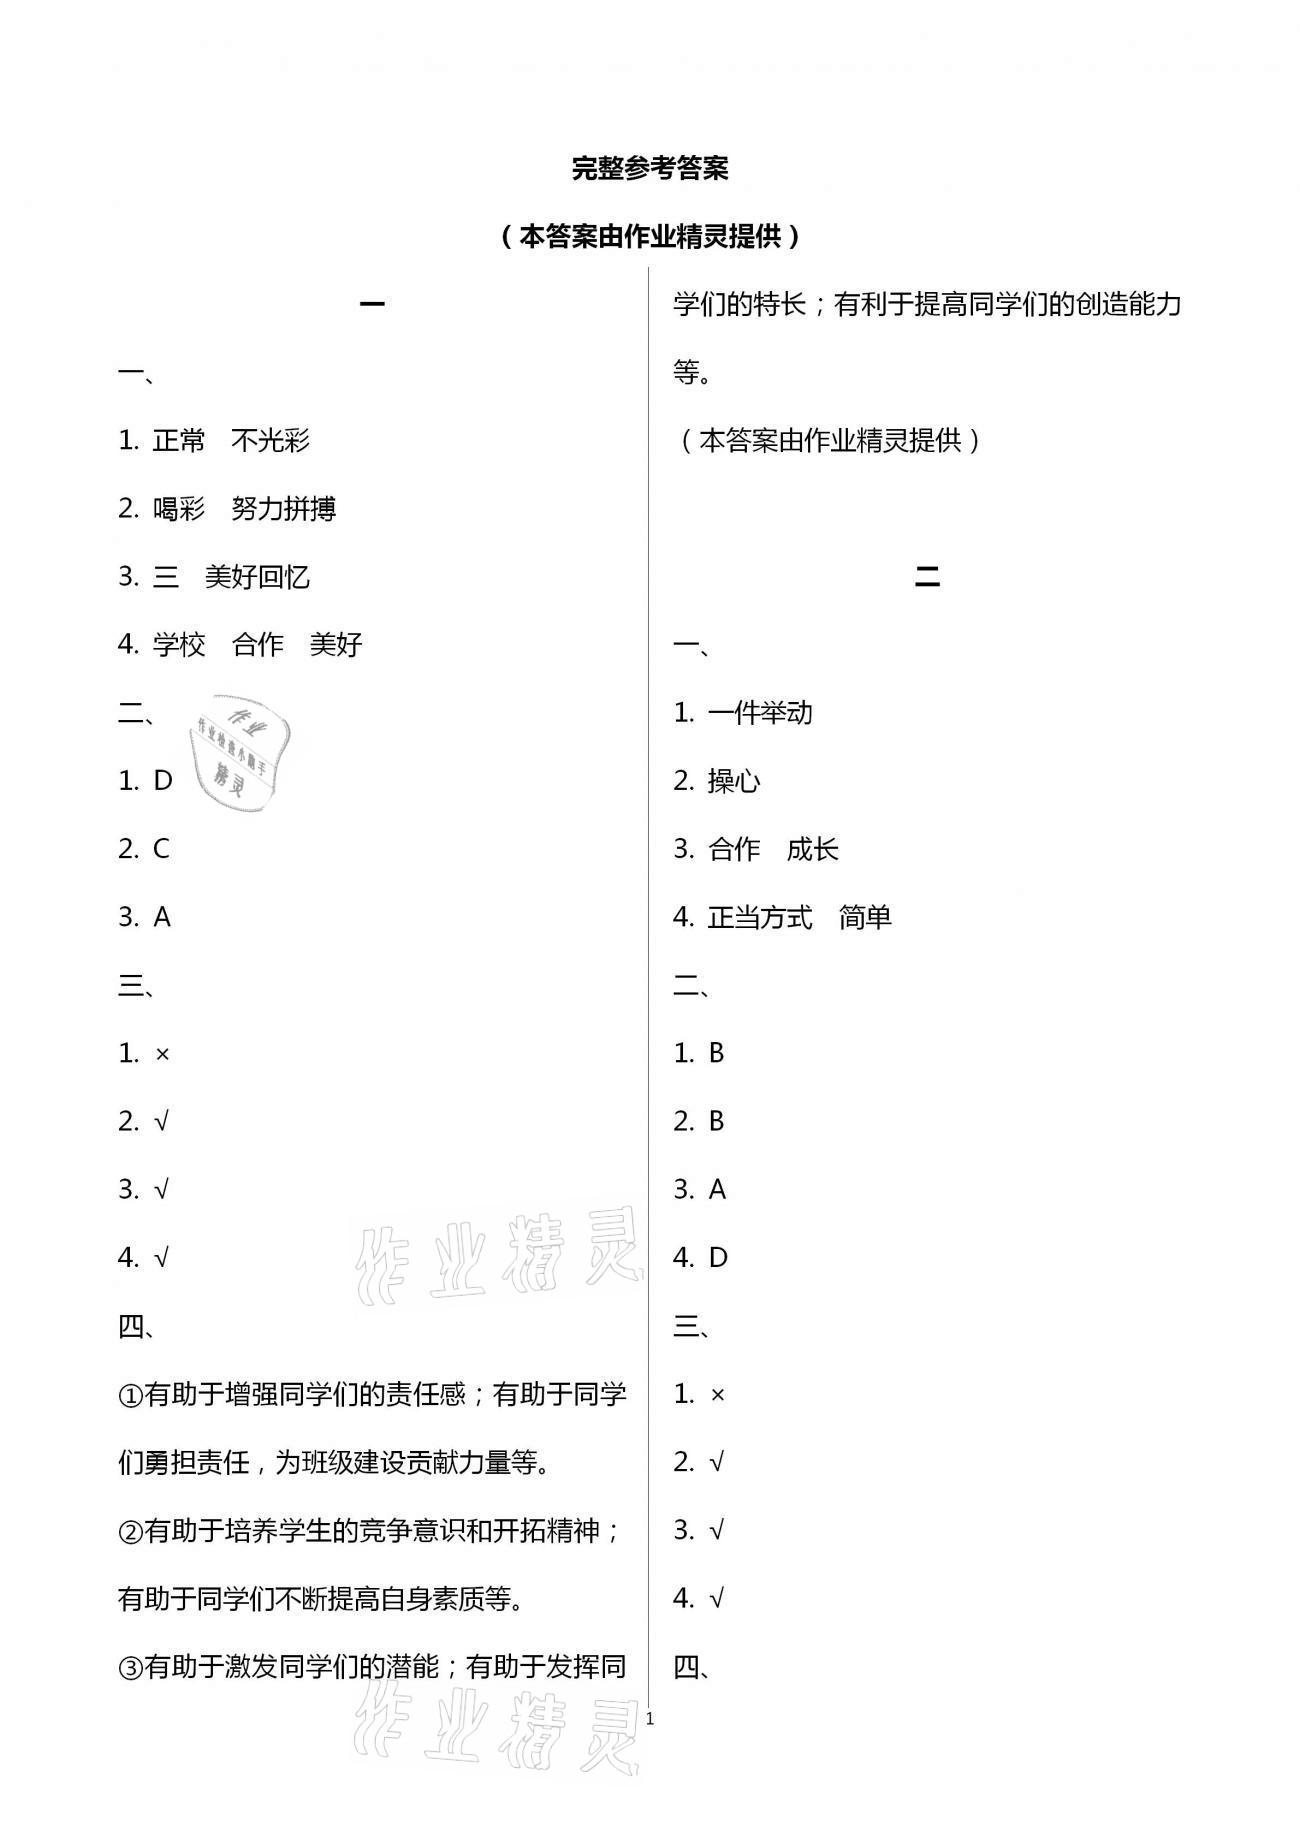 2021年寒假作业四年级道德与法治人教版湖南教育出版社第1页